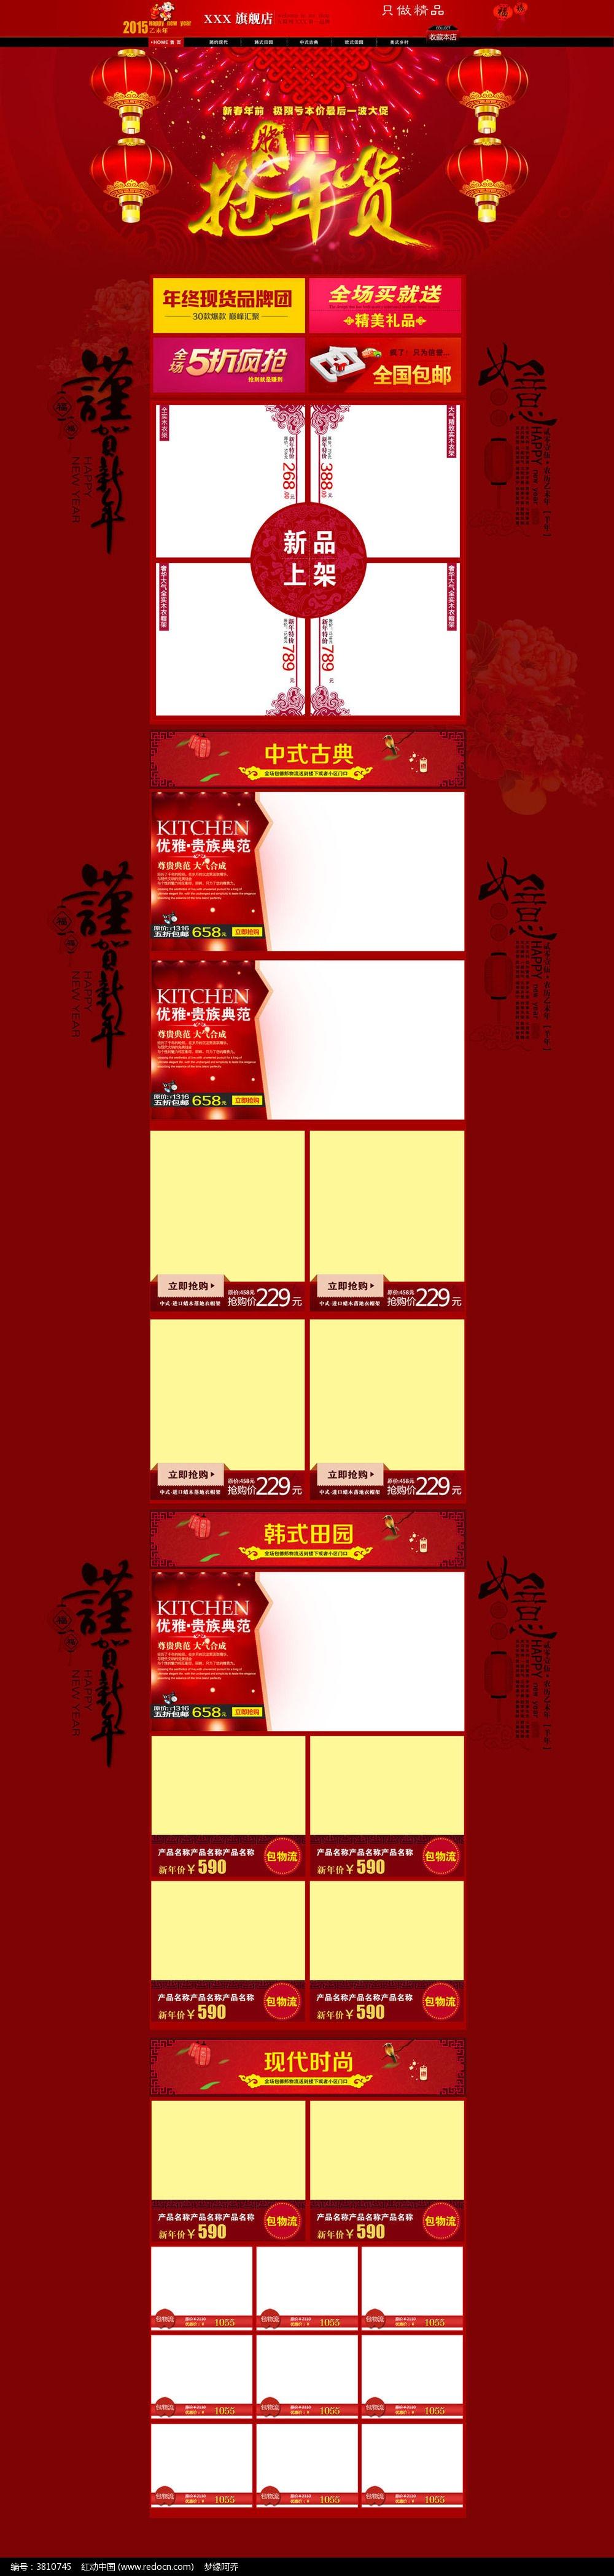 淘宝新年春节家具首页装修模板